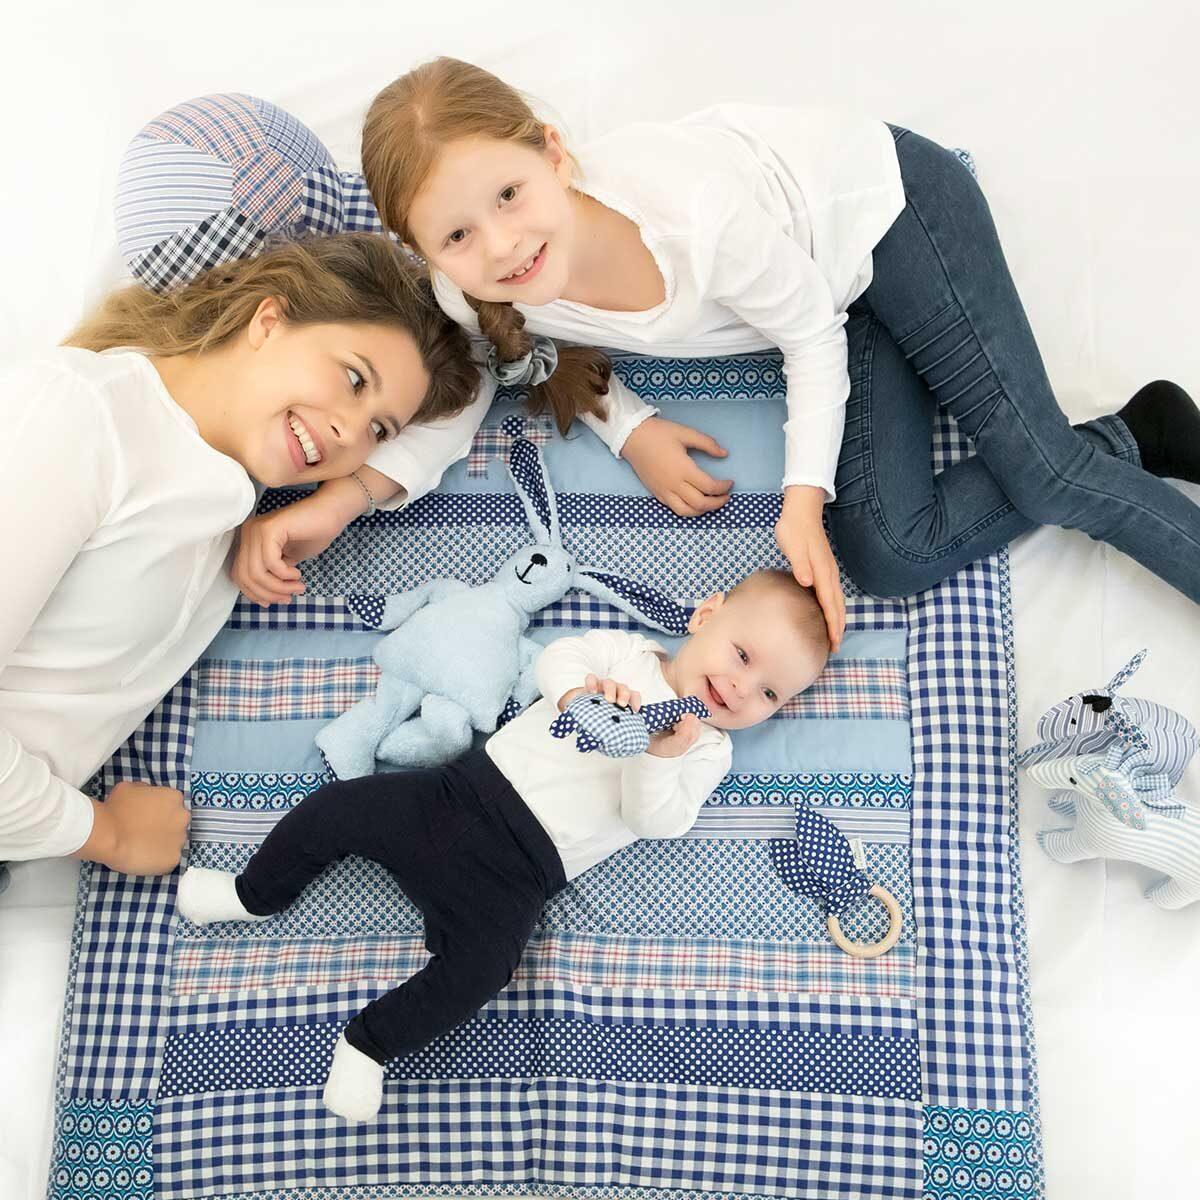 Baby auf Decke und Kinder